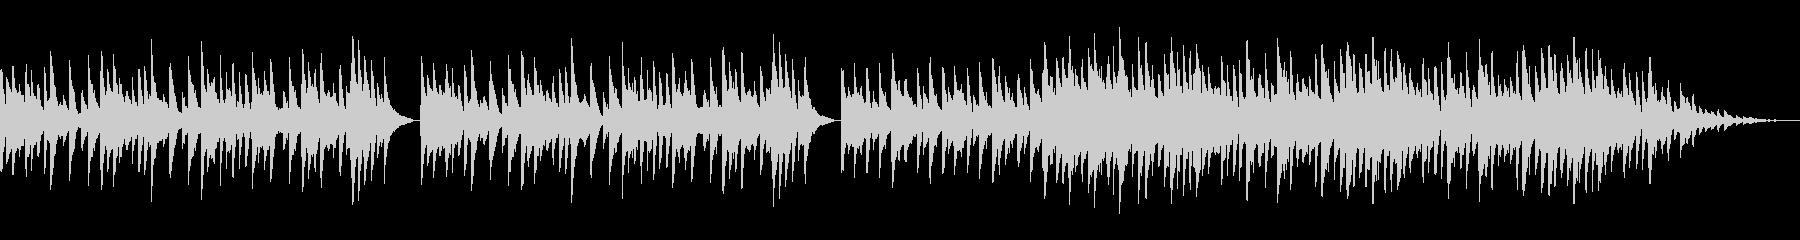 動画BGM用のピアノ曲(切ない、哀愁)の未再生の波形